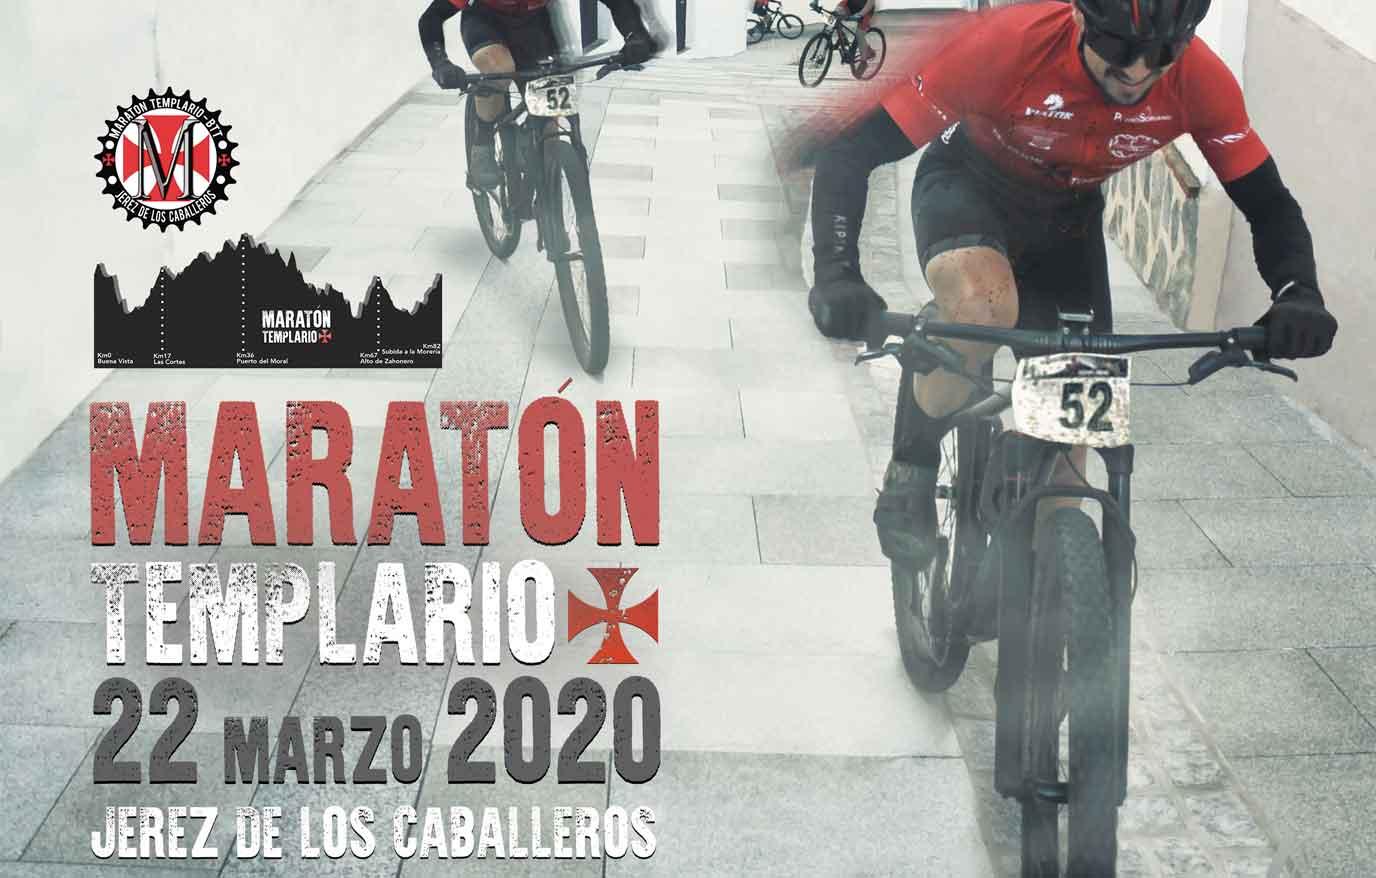 Maratón Templario (Open de España)